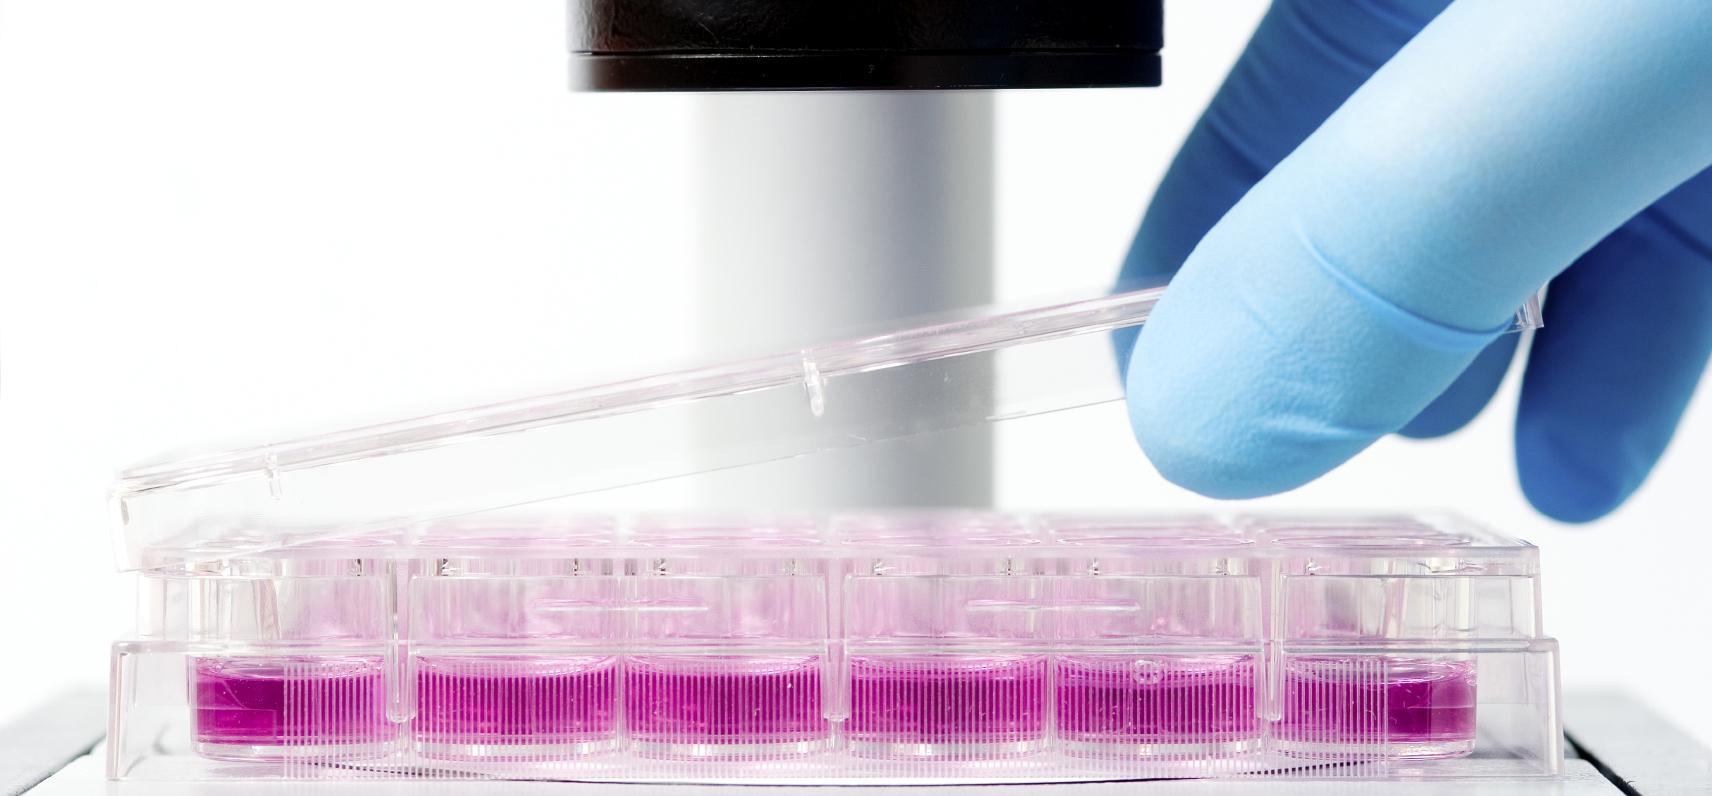 Laboratorio de análisis de citología vaginal